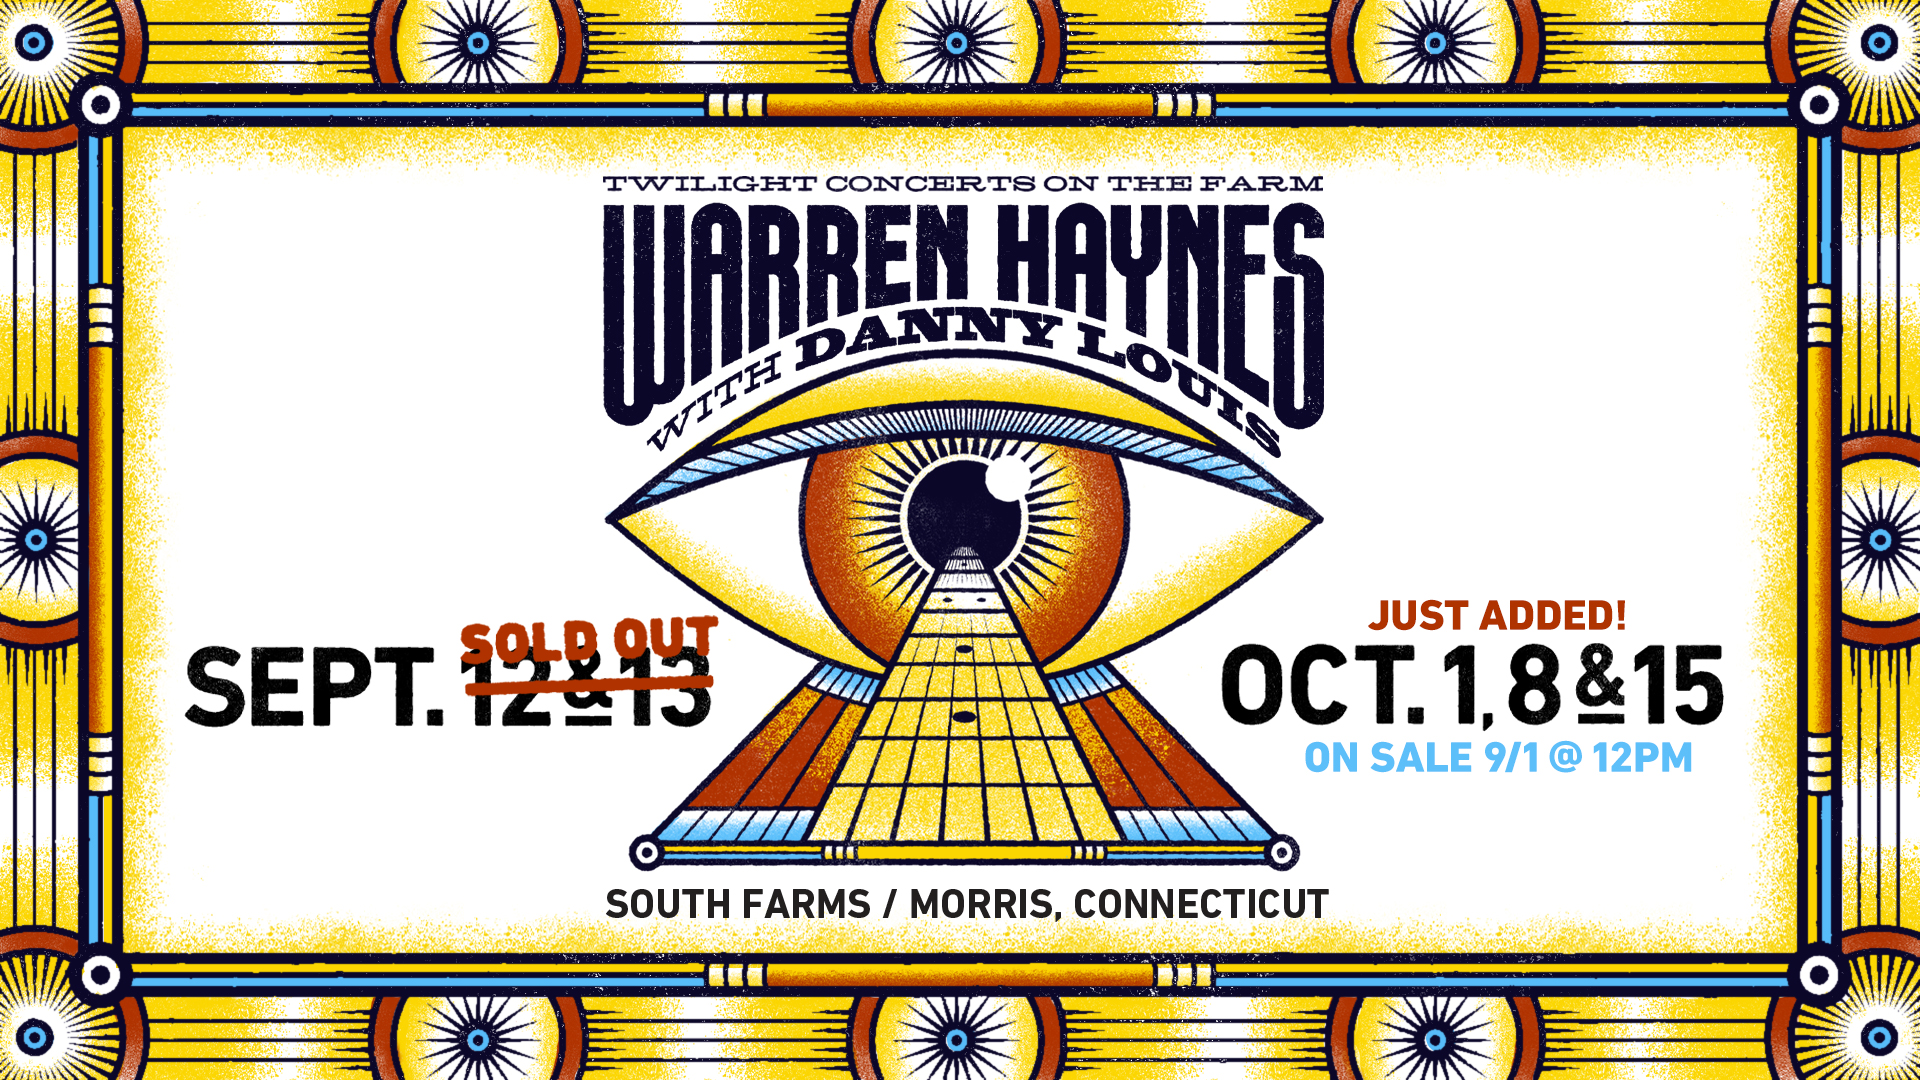 Warren-Haynes